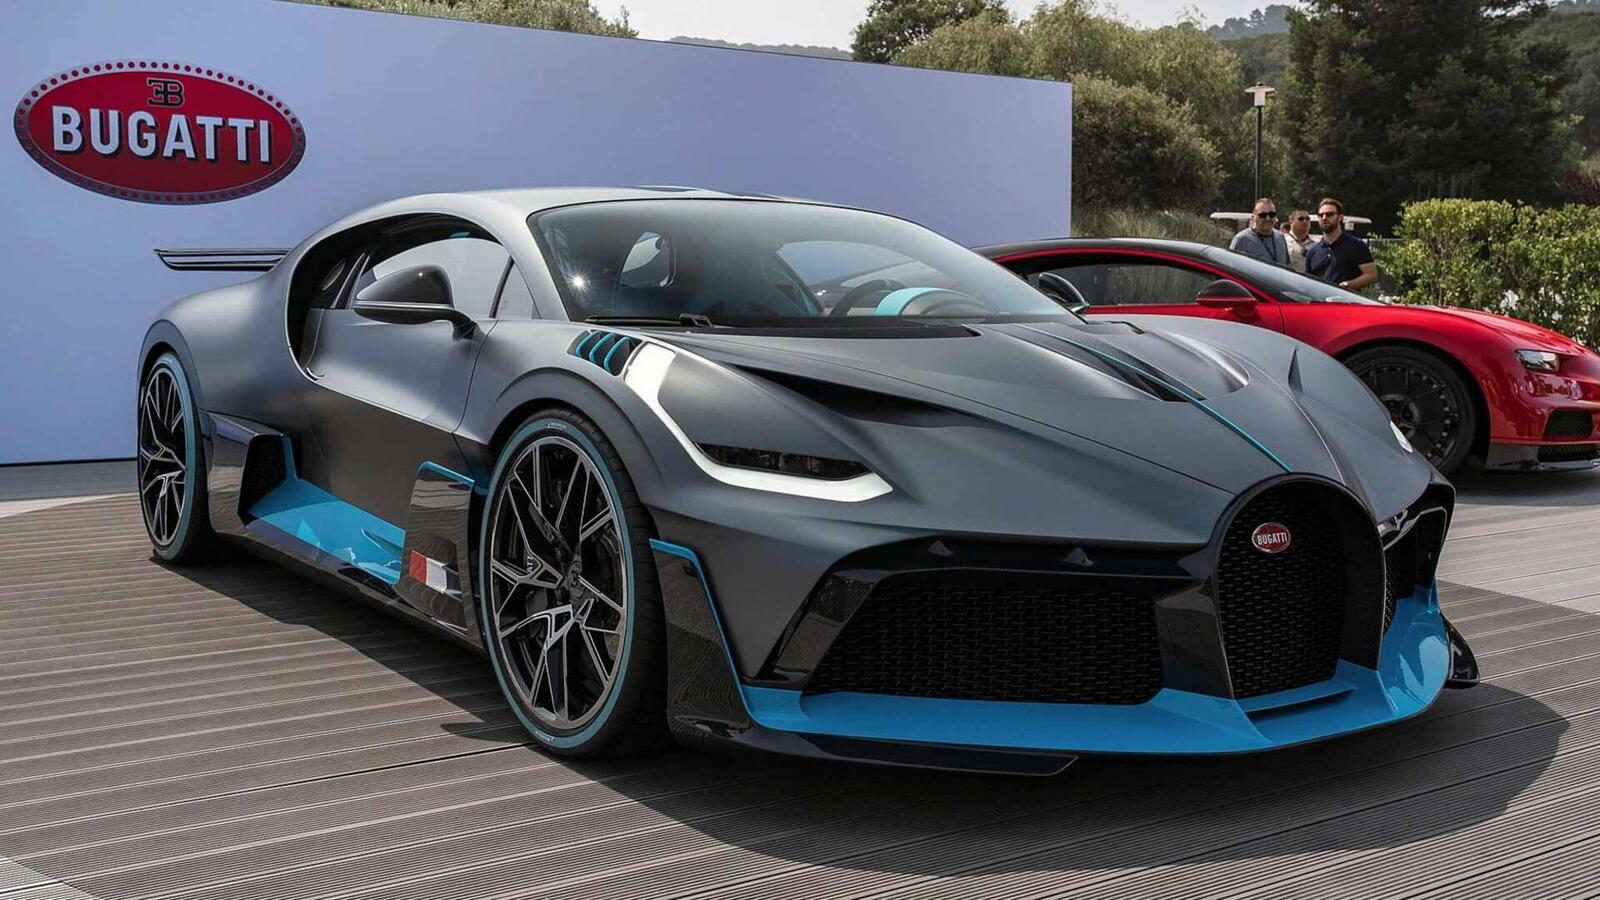 Một trong 40 chiếc Bugatti Divo đang được bán với giá 7,5 triệu USD (hơn 173 tỷ đồng) - Hình 2